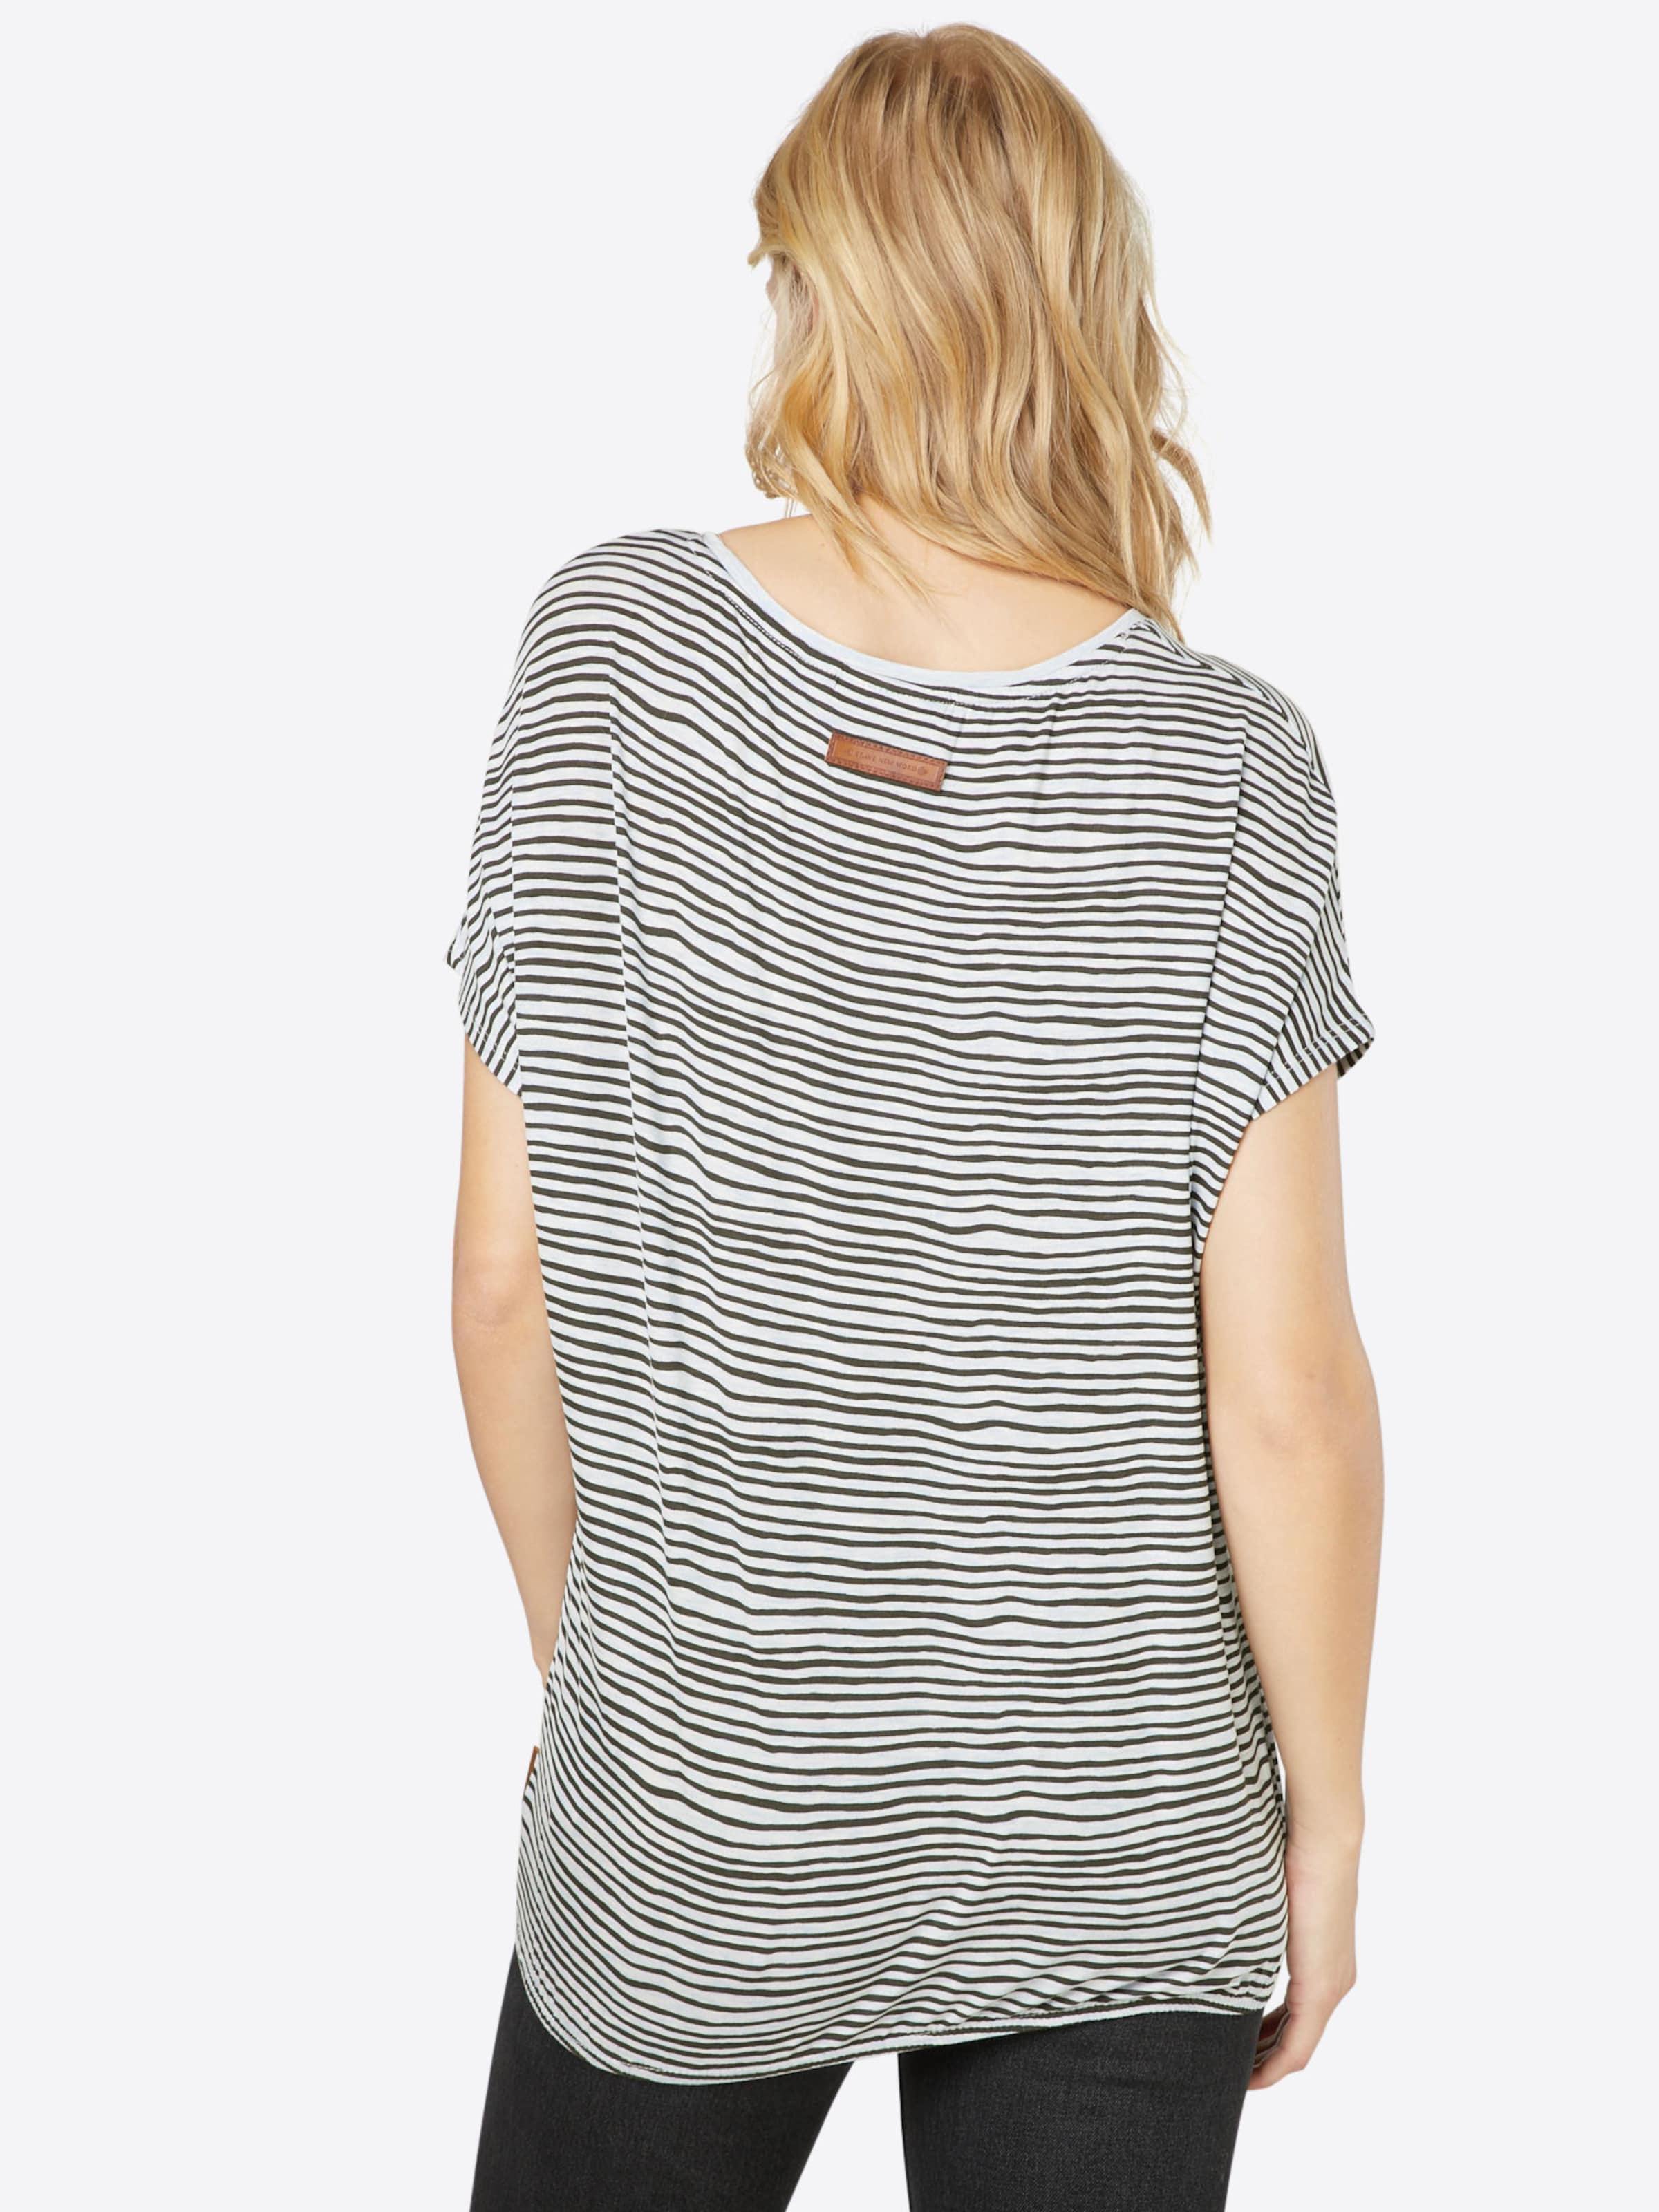 naketano Oversize Shirt 'Bouncing II' Billig Ausverkauf Billig Verkauf Gut Verkaufen Steckdose Countdown-Paket Billigste Online N73p6Ij8c